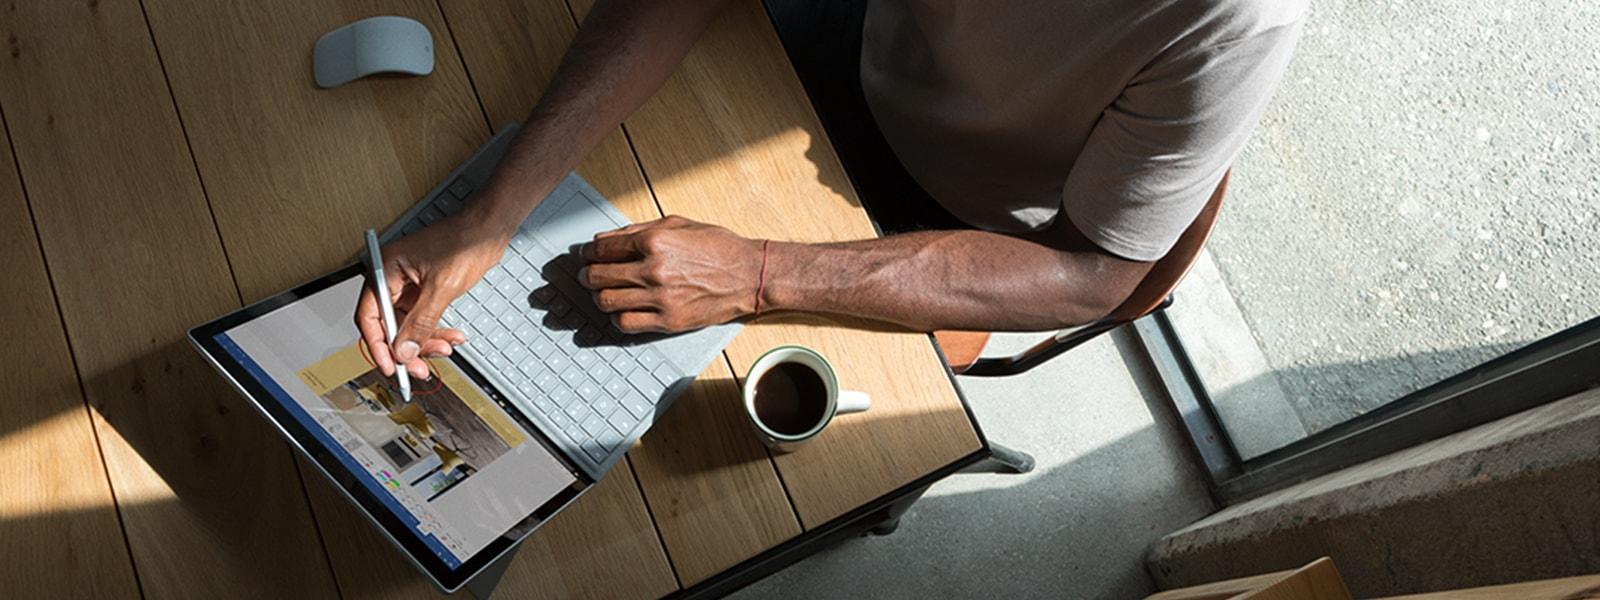 Mann mit Surface-Stift schreibt in einer Café-Umgebung auf einem SurfacePro.